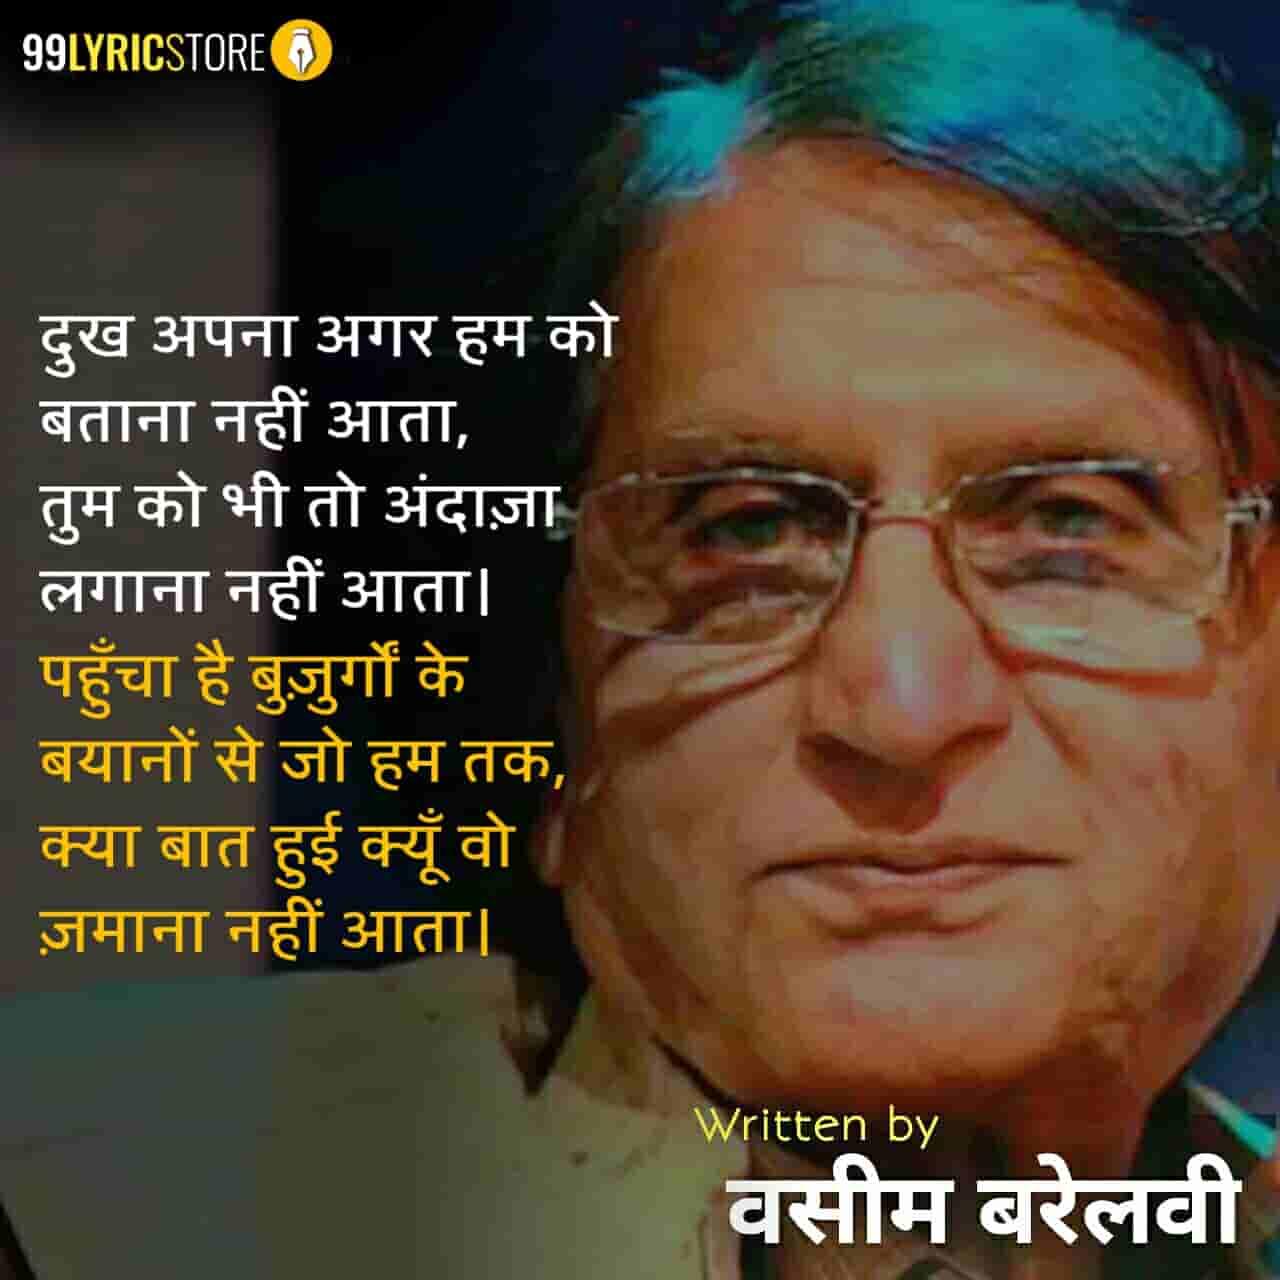 This beautiful ghazal 'Dukh Apna Agar Hum Ko Batana Nahi Aata' has written by Waseem Barelvi.